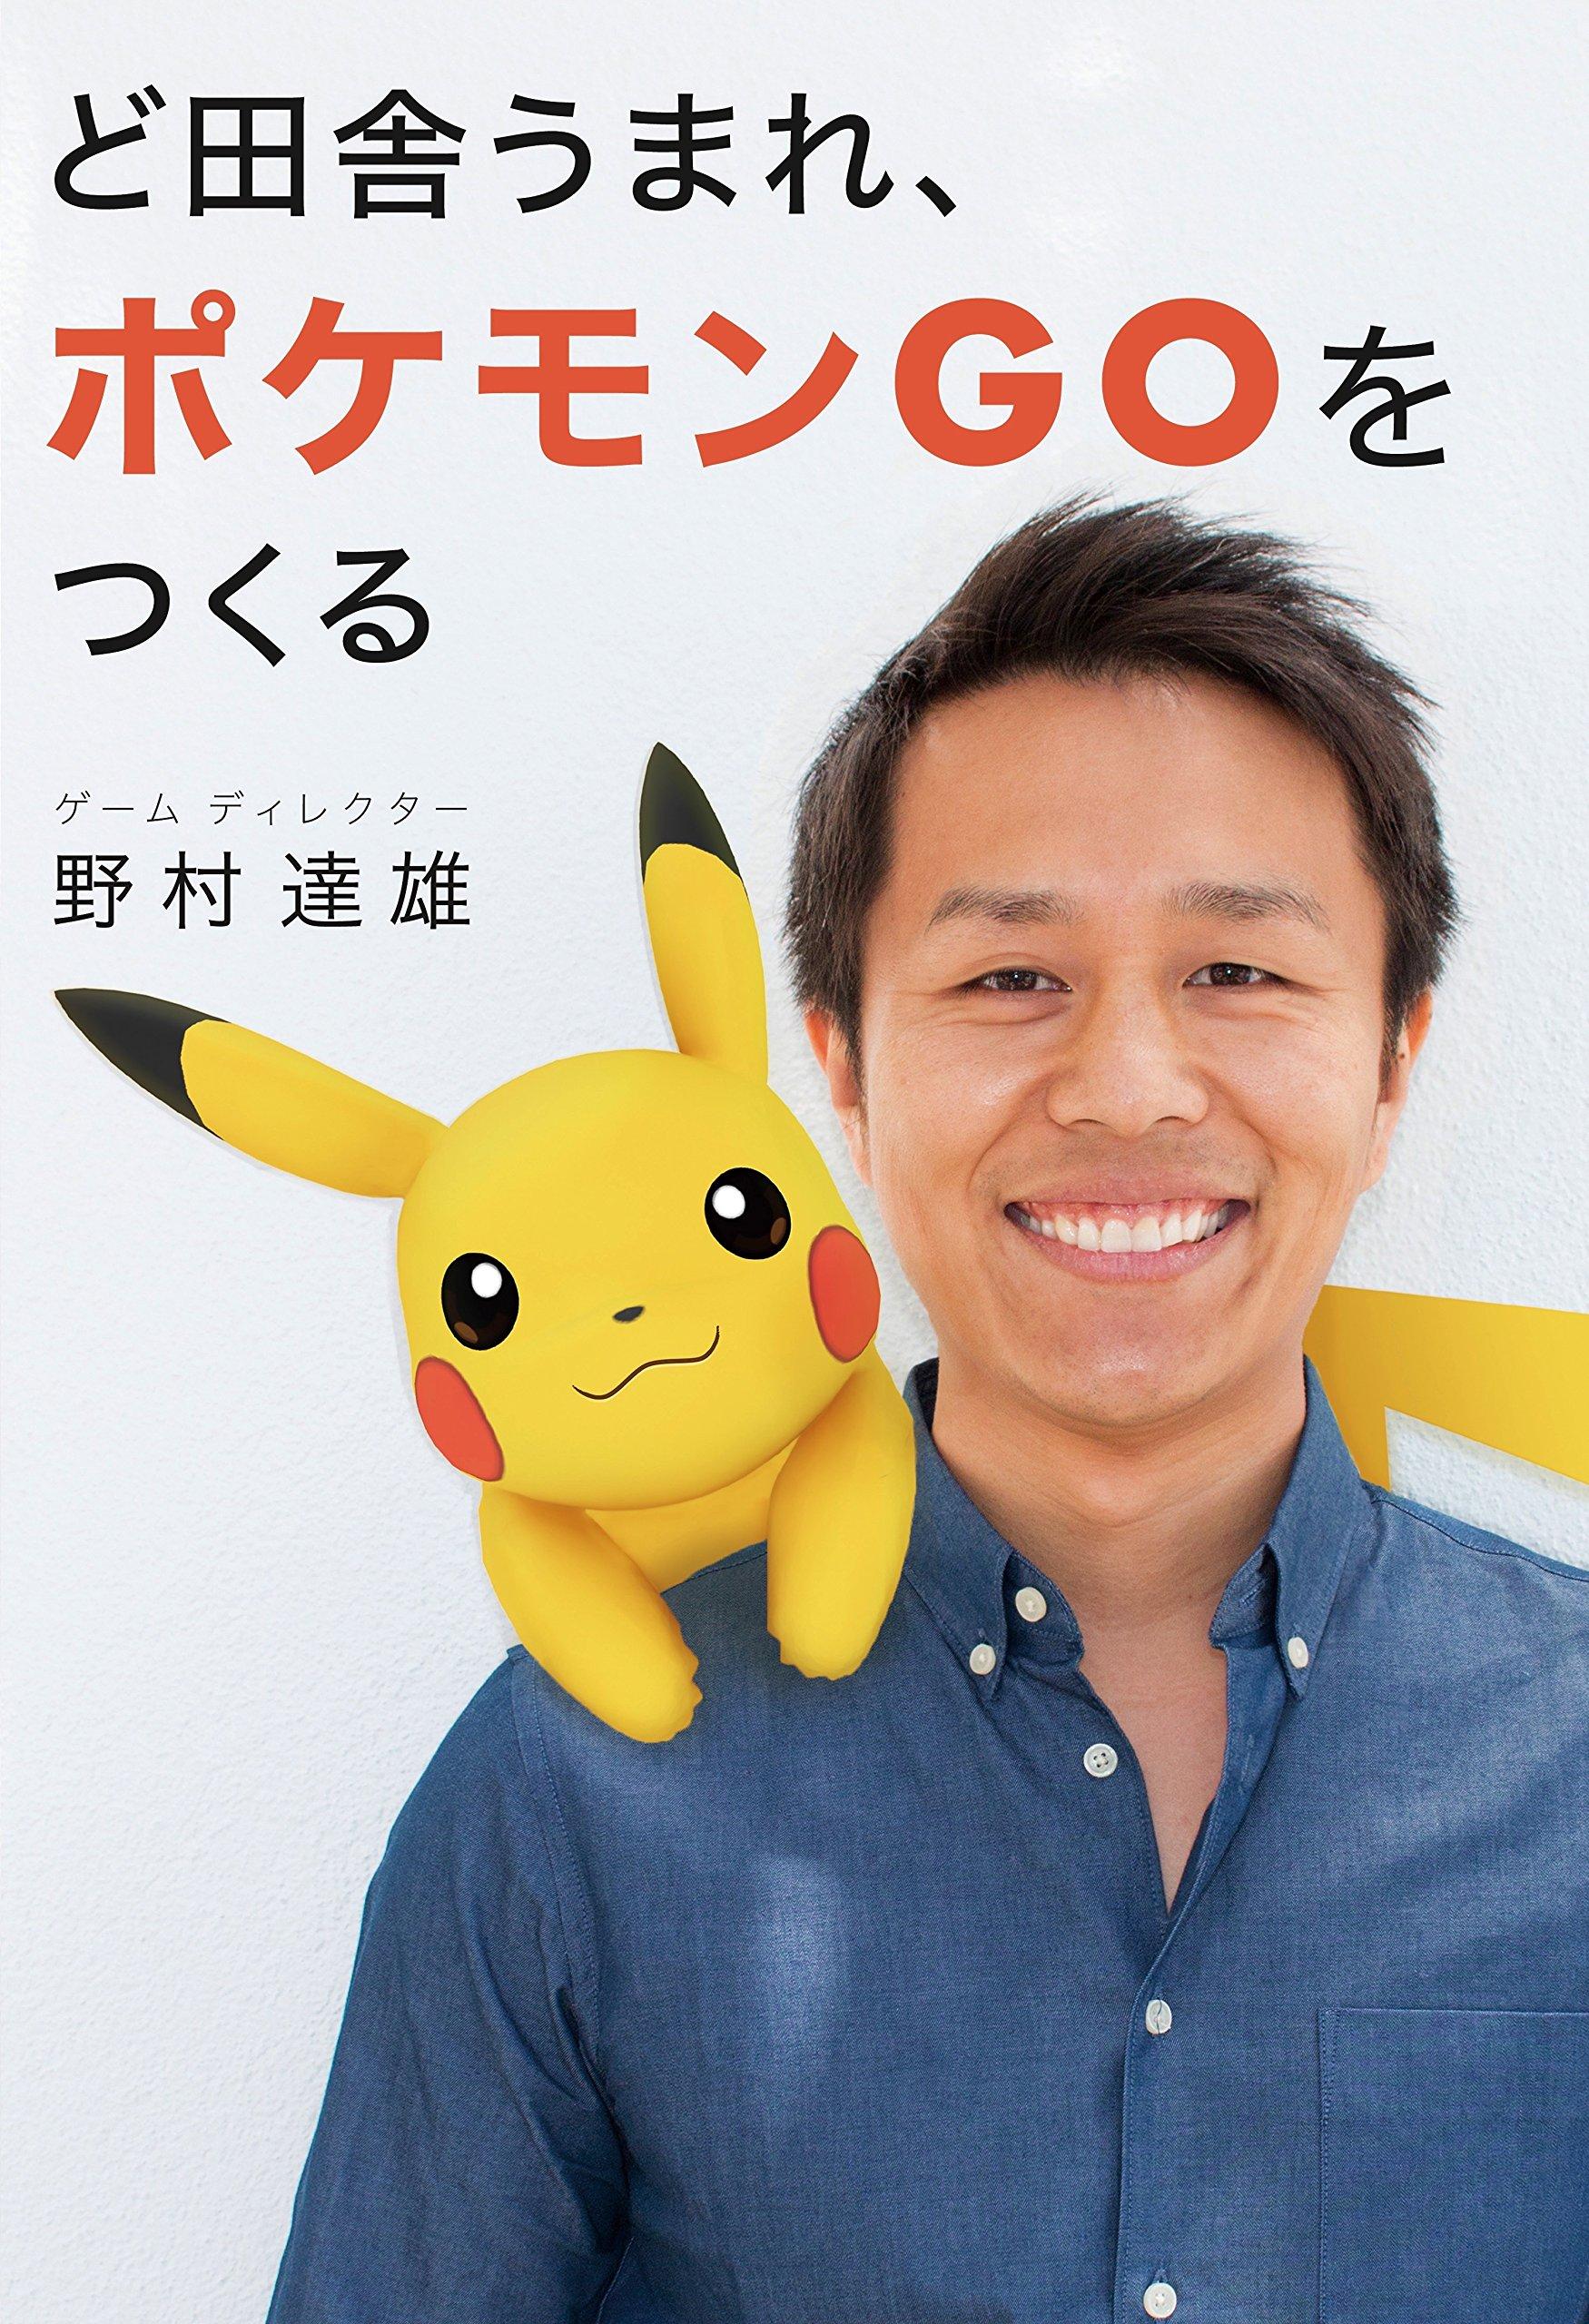 小学館集英社プロダクション 野村 達雄 ど田舎うまれ、ポケモンGOをつくるの画像